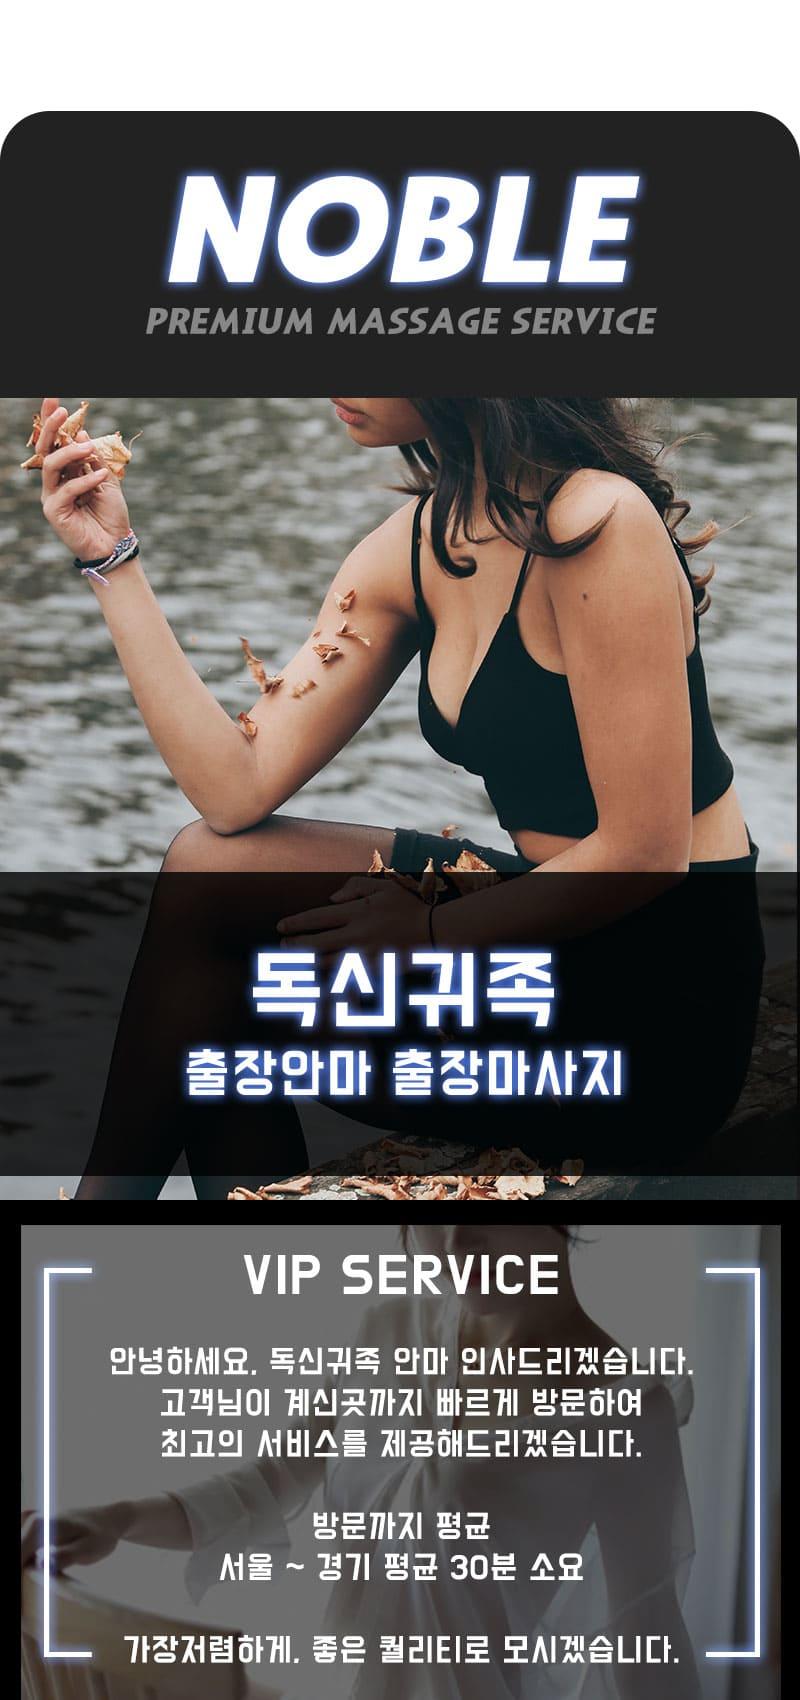 연희동출장안마 소개